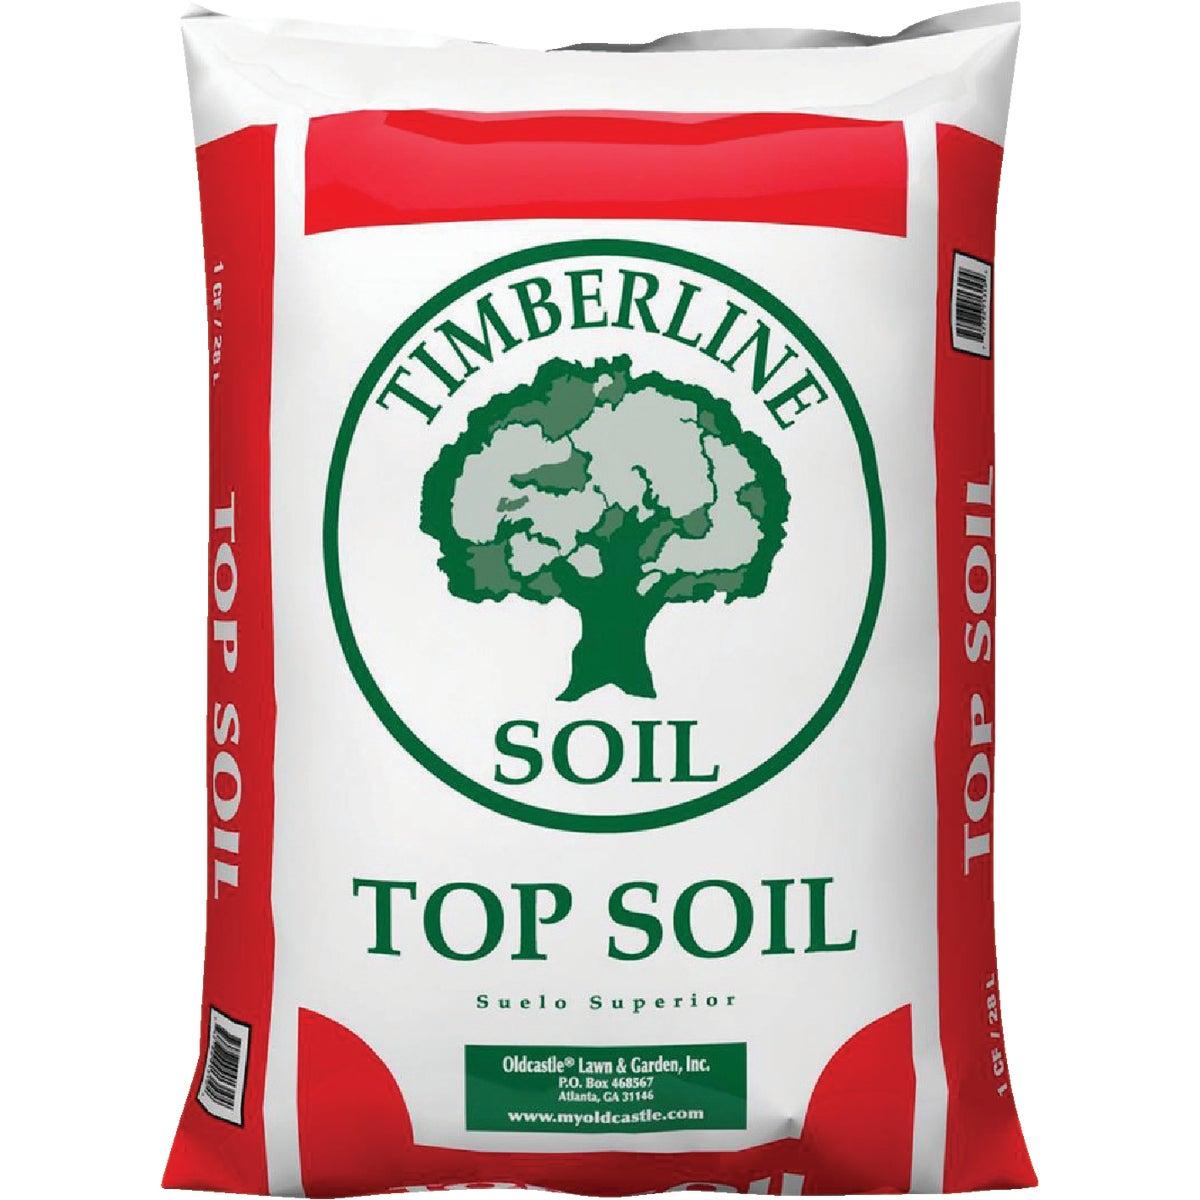 40LB TOP SOIL